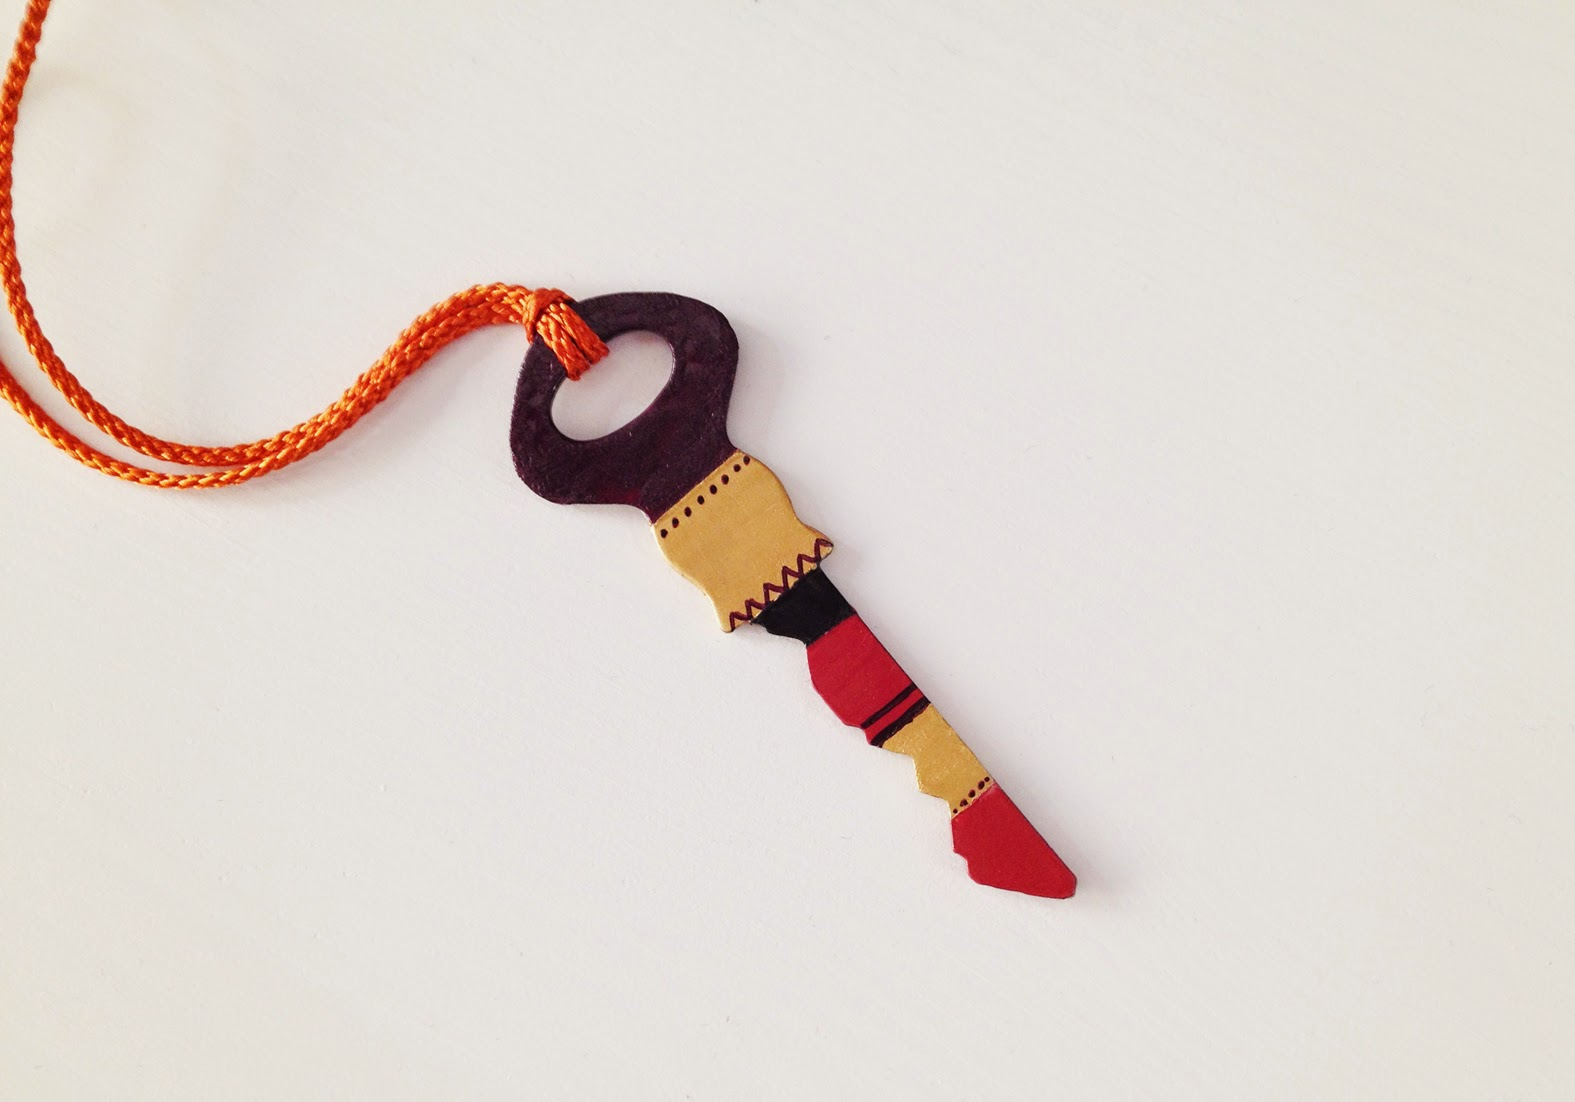 kolye-anahtar